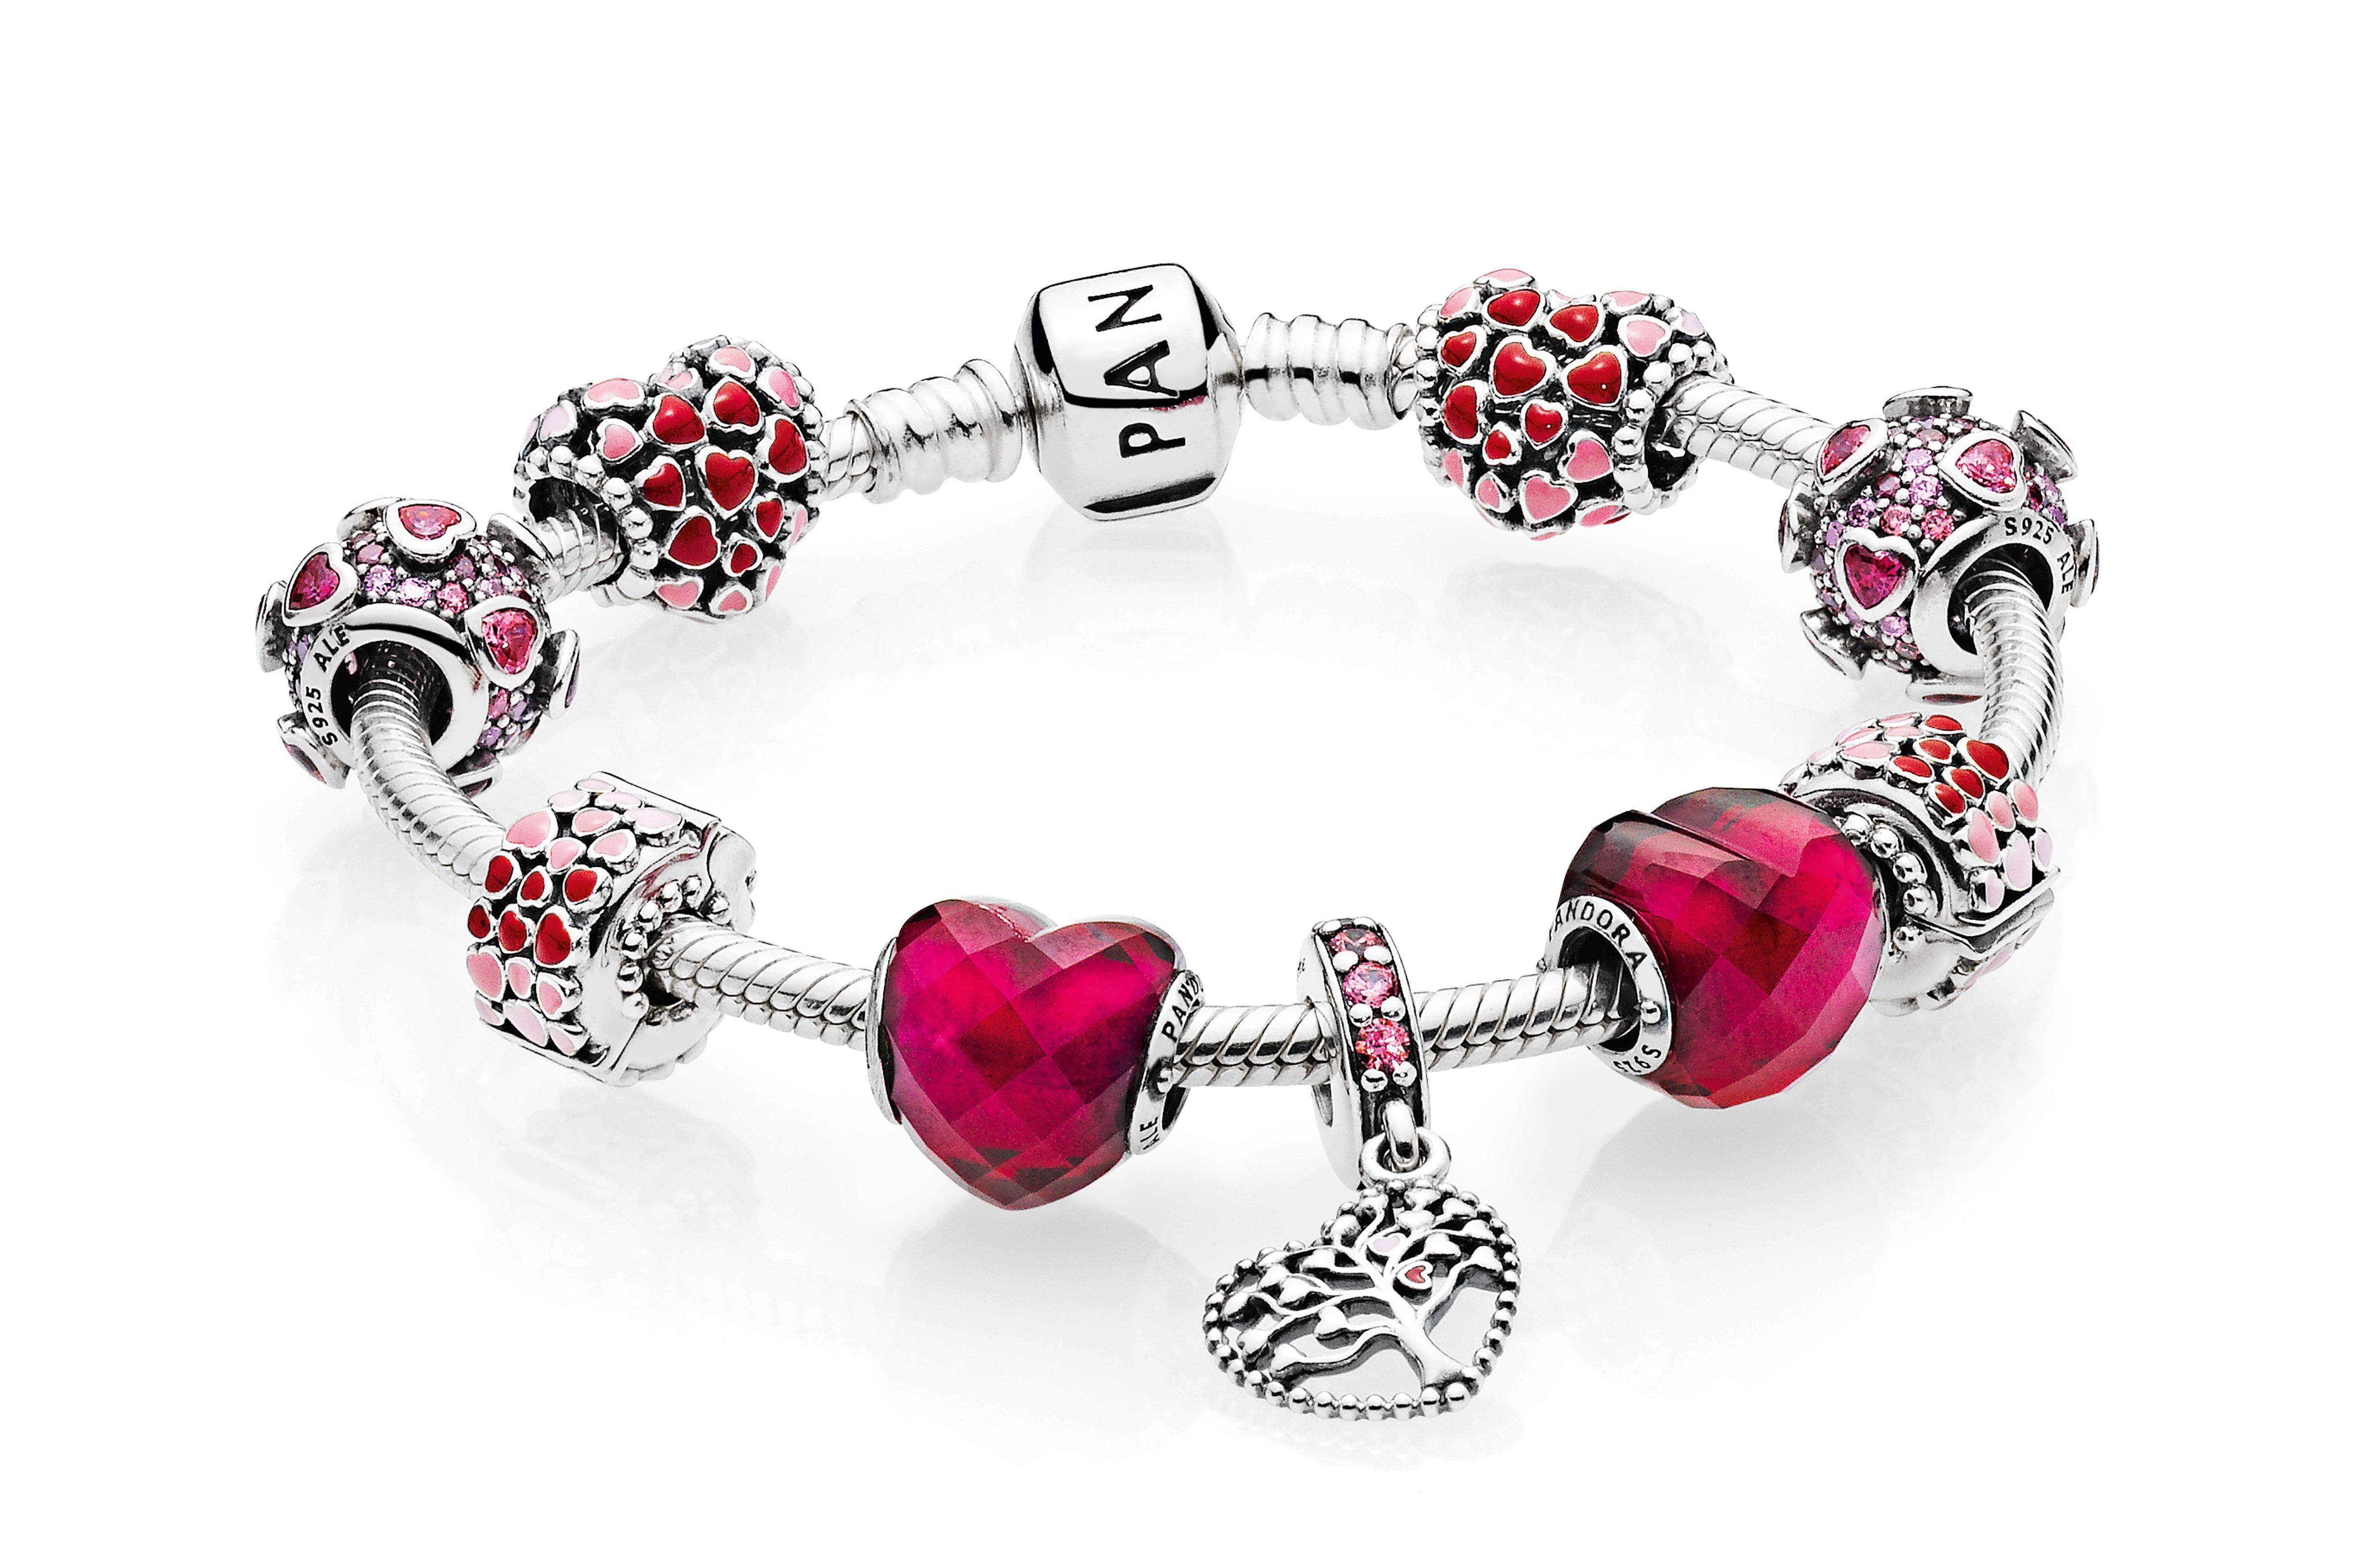 Pandora San Valentino 2018 i gioielli e i charms da regalare alla partner